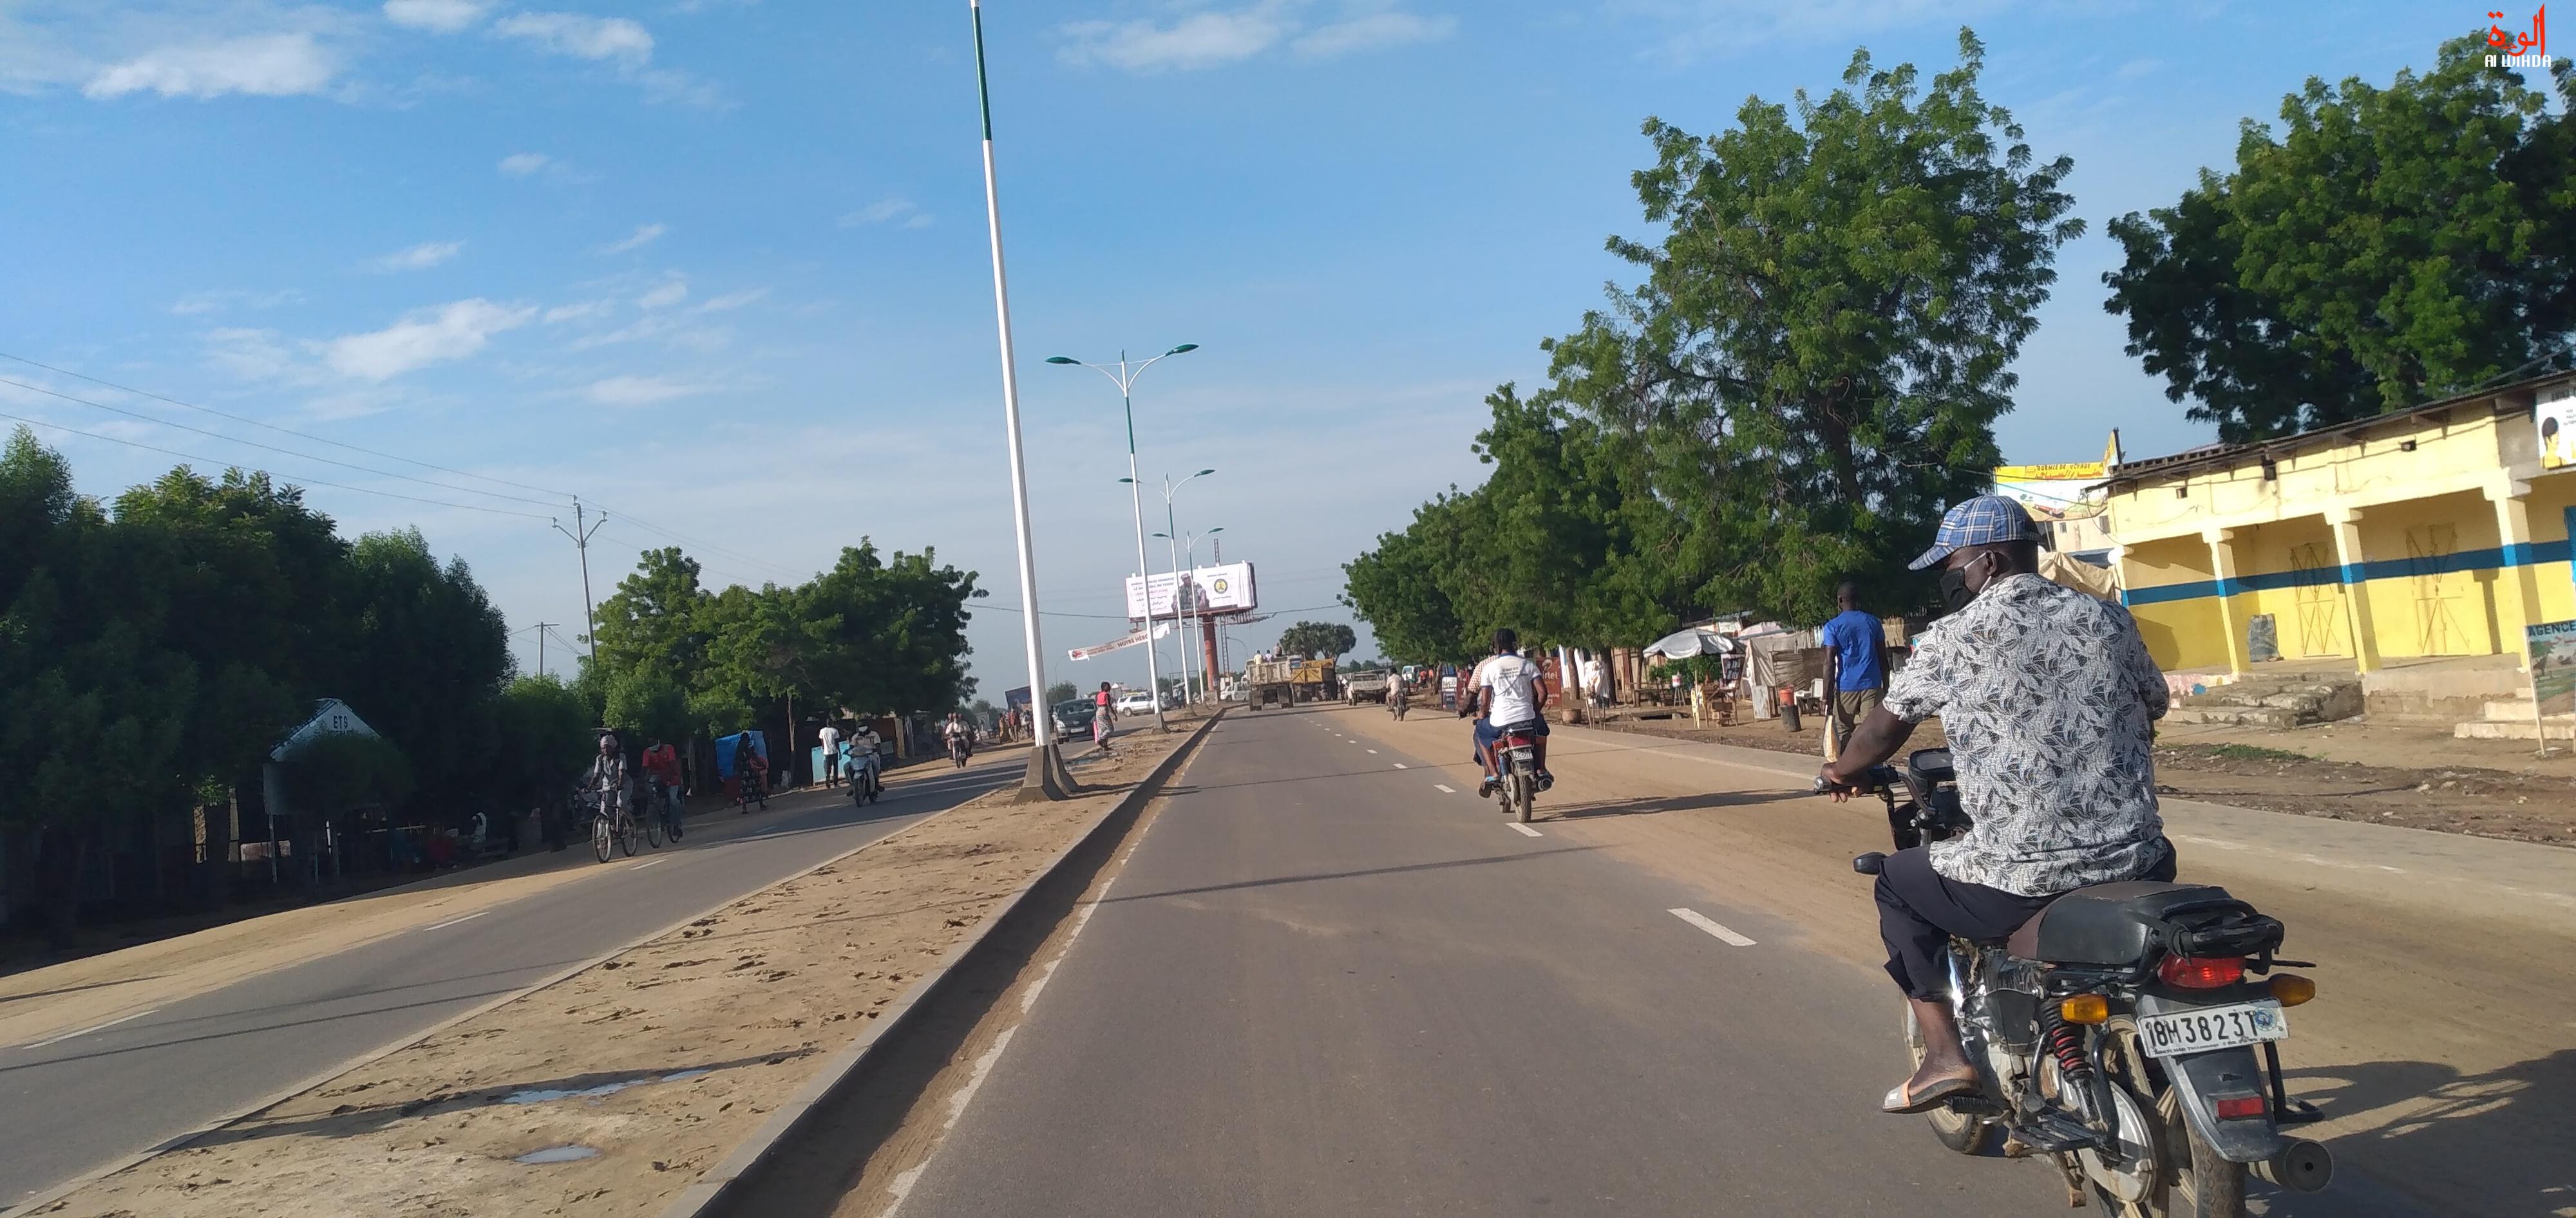 L'avenue Jacques Nadingar, menant au Palais de la démocratie à N'Djamena. © Ben Kadabio/Alwihda Info